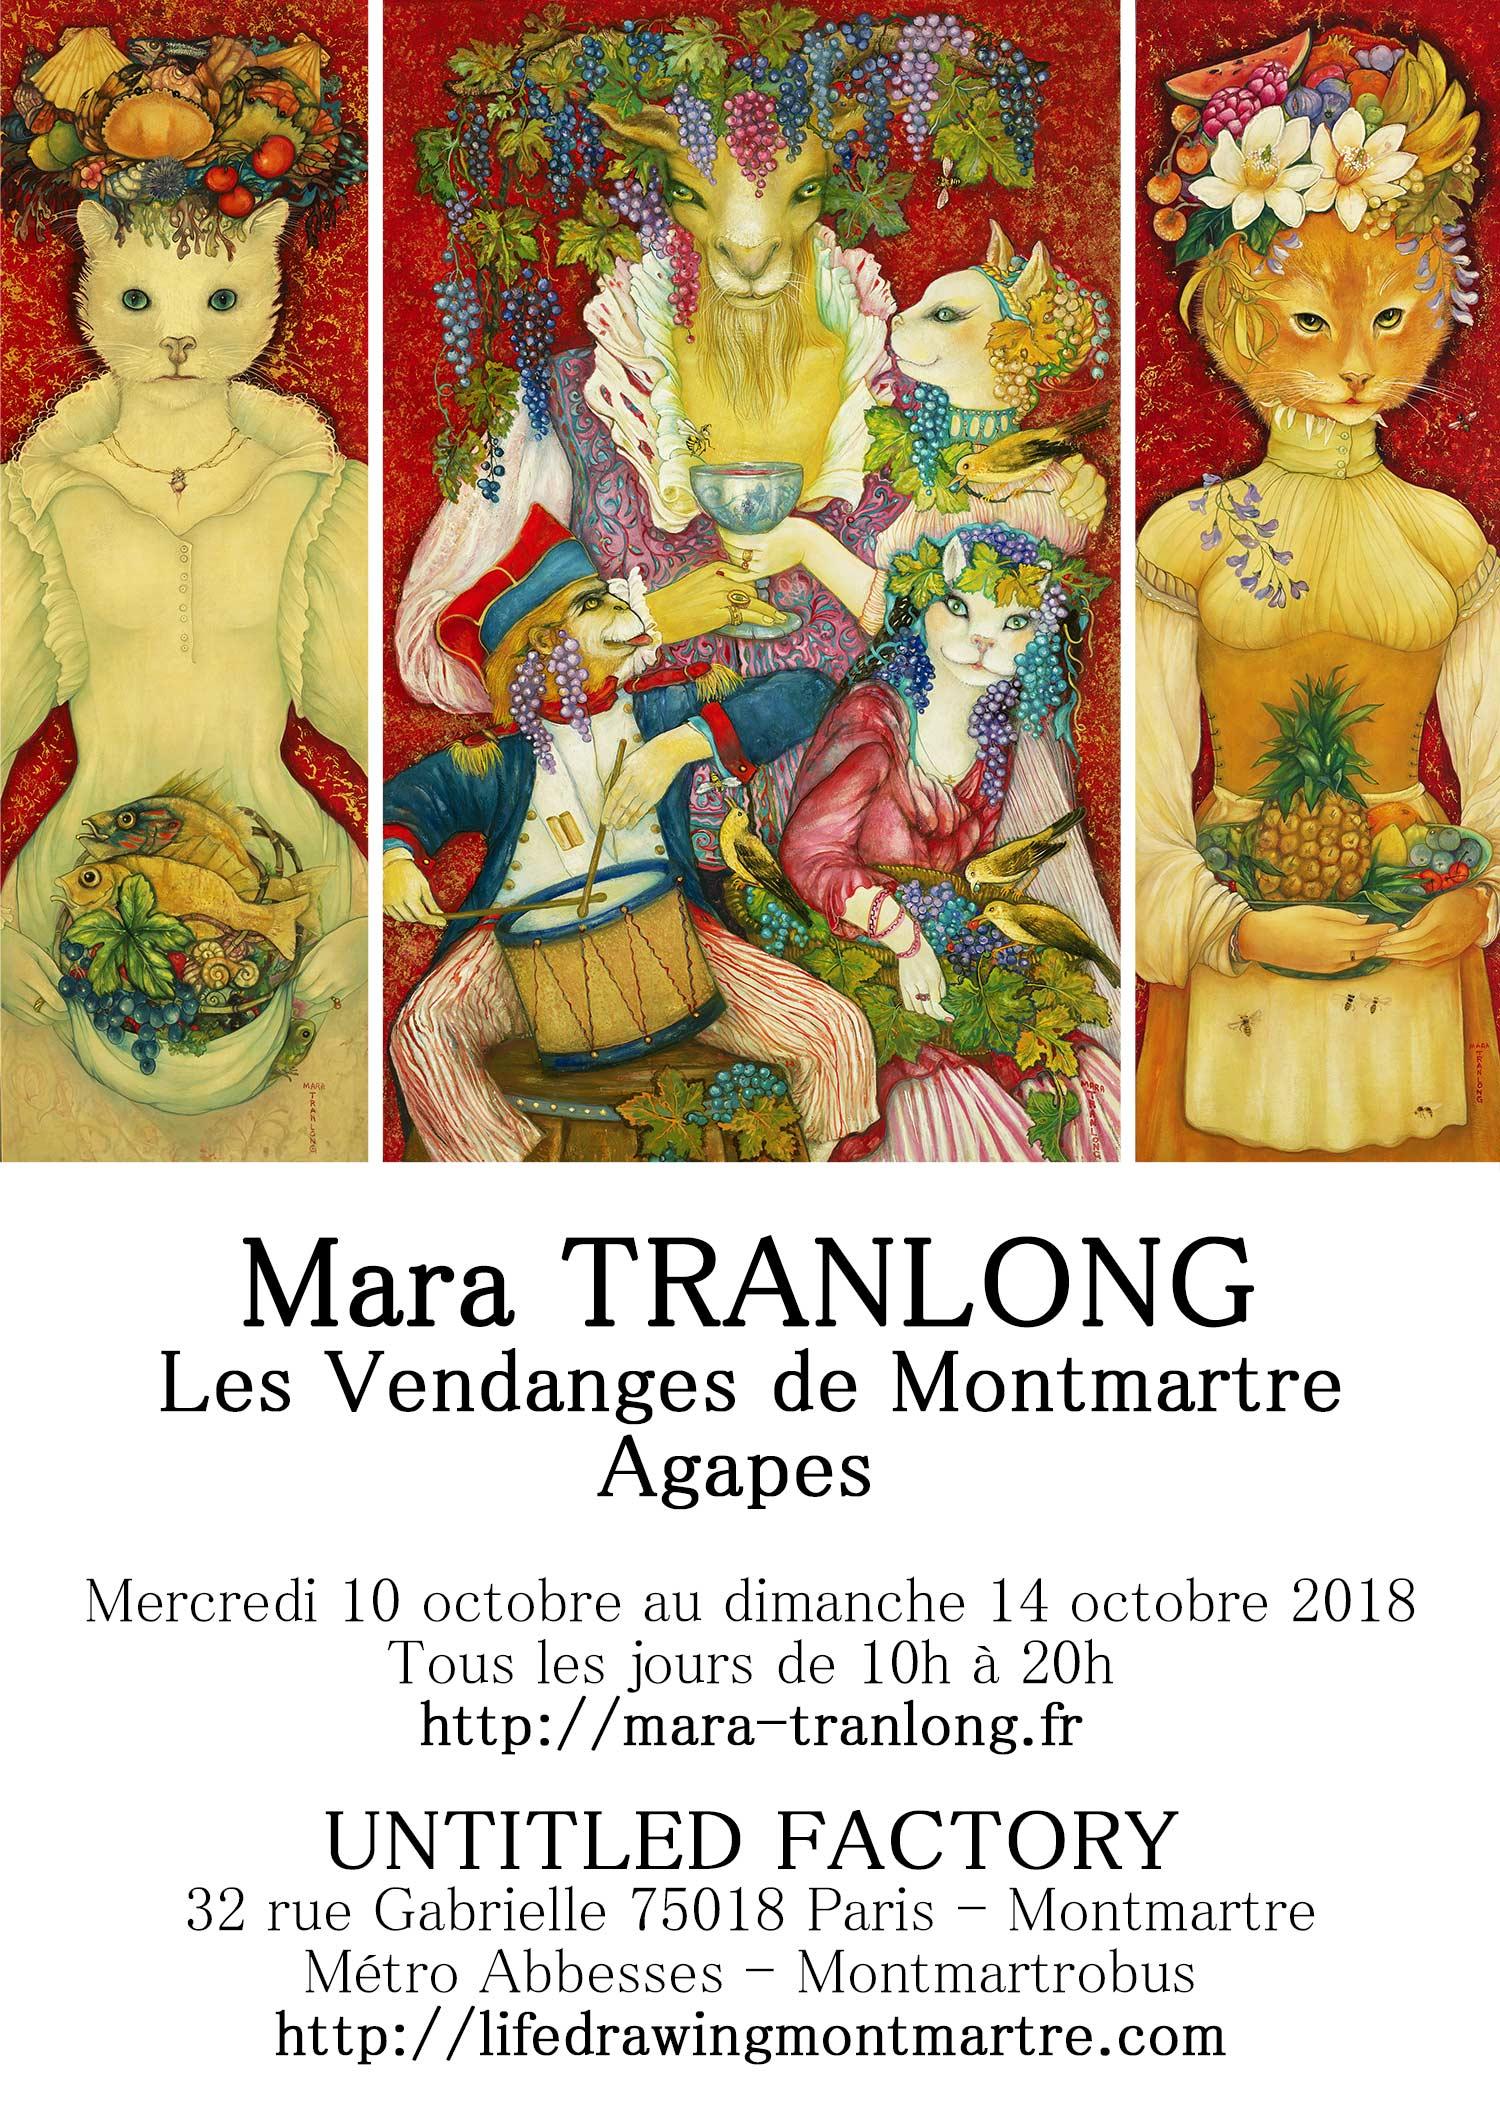 """Mara Tranlong - Collection : """"Les Vendanges de Montmartre - Agapes"""" - Titre : Roulez tambour - Tempera, acrylique sur bois - Dimensions : 95 cm x 60 cm"""